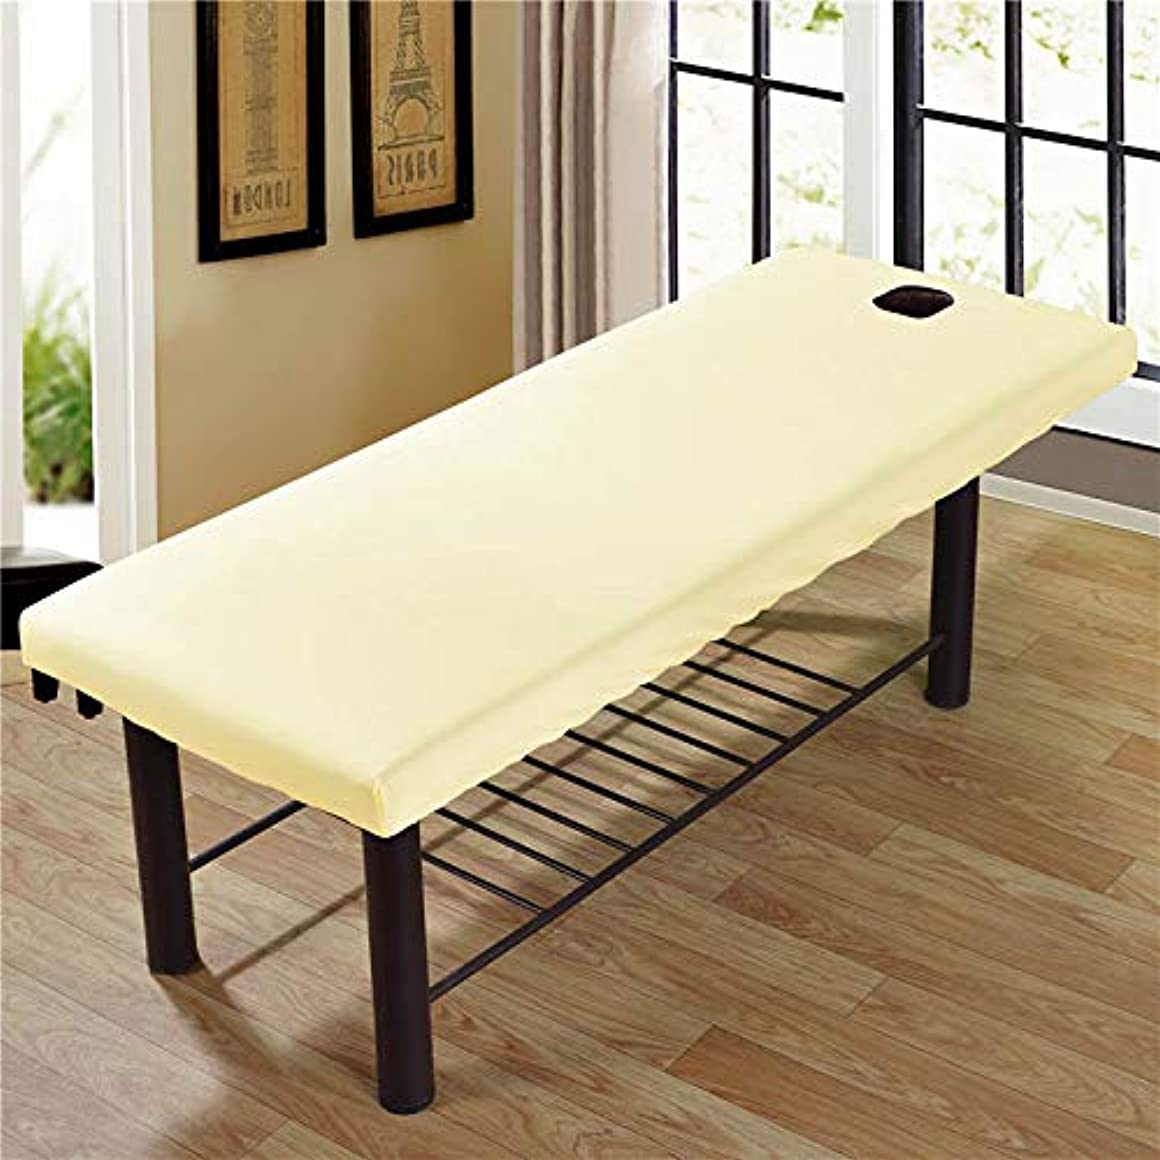 クアッガ真剣にベアリングJanusSaja 美容院のマッサージ療法のベッドのための柔らかいSoliod色の長方形のマットレス